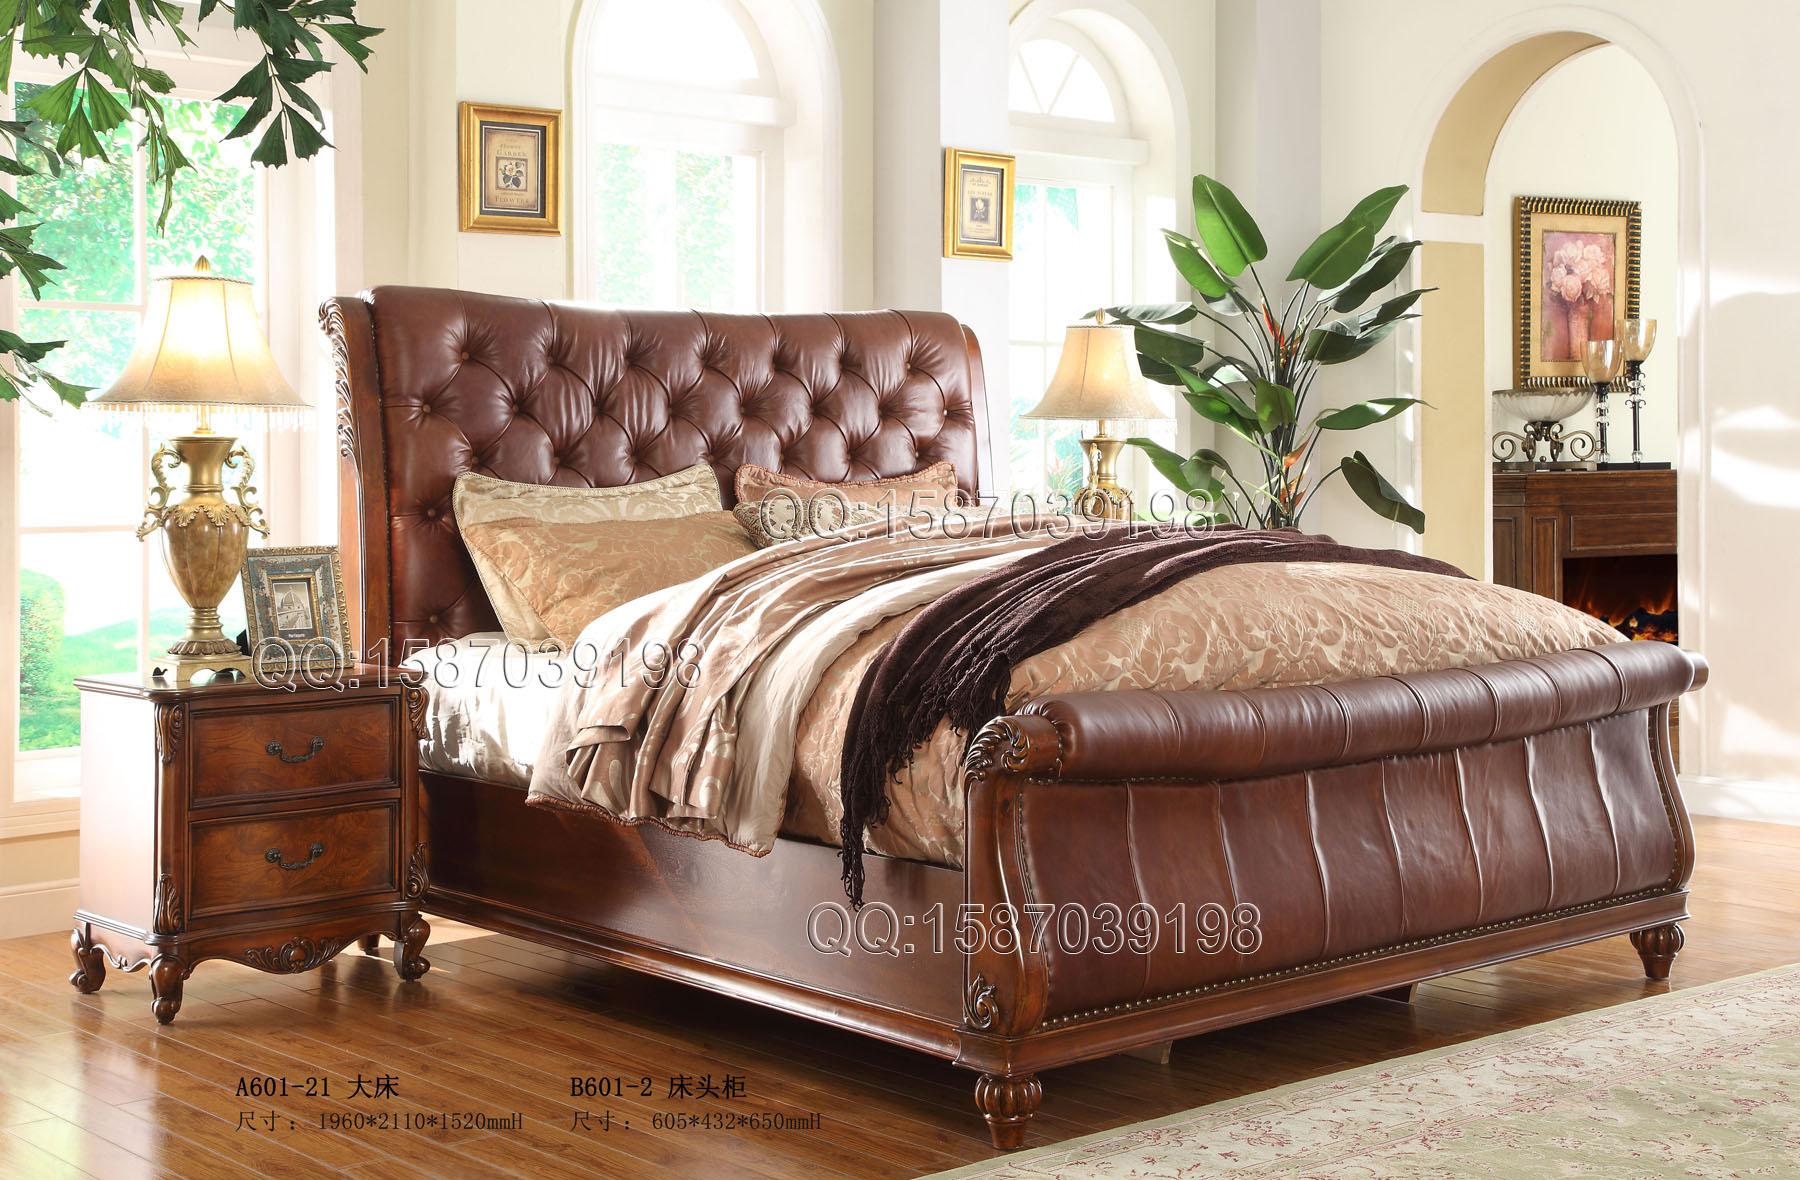 Мебель для гостиниц   FW811-21